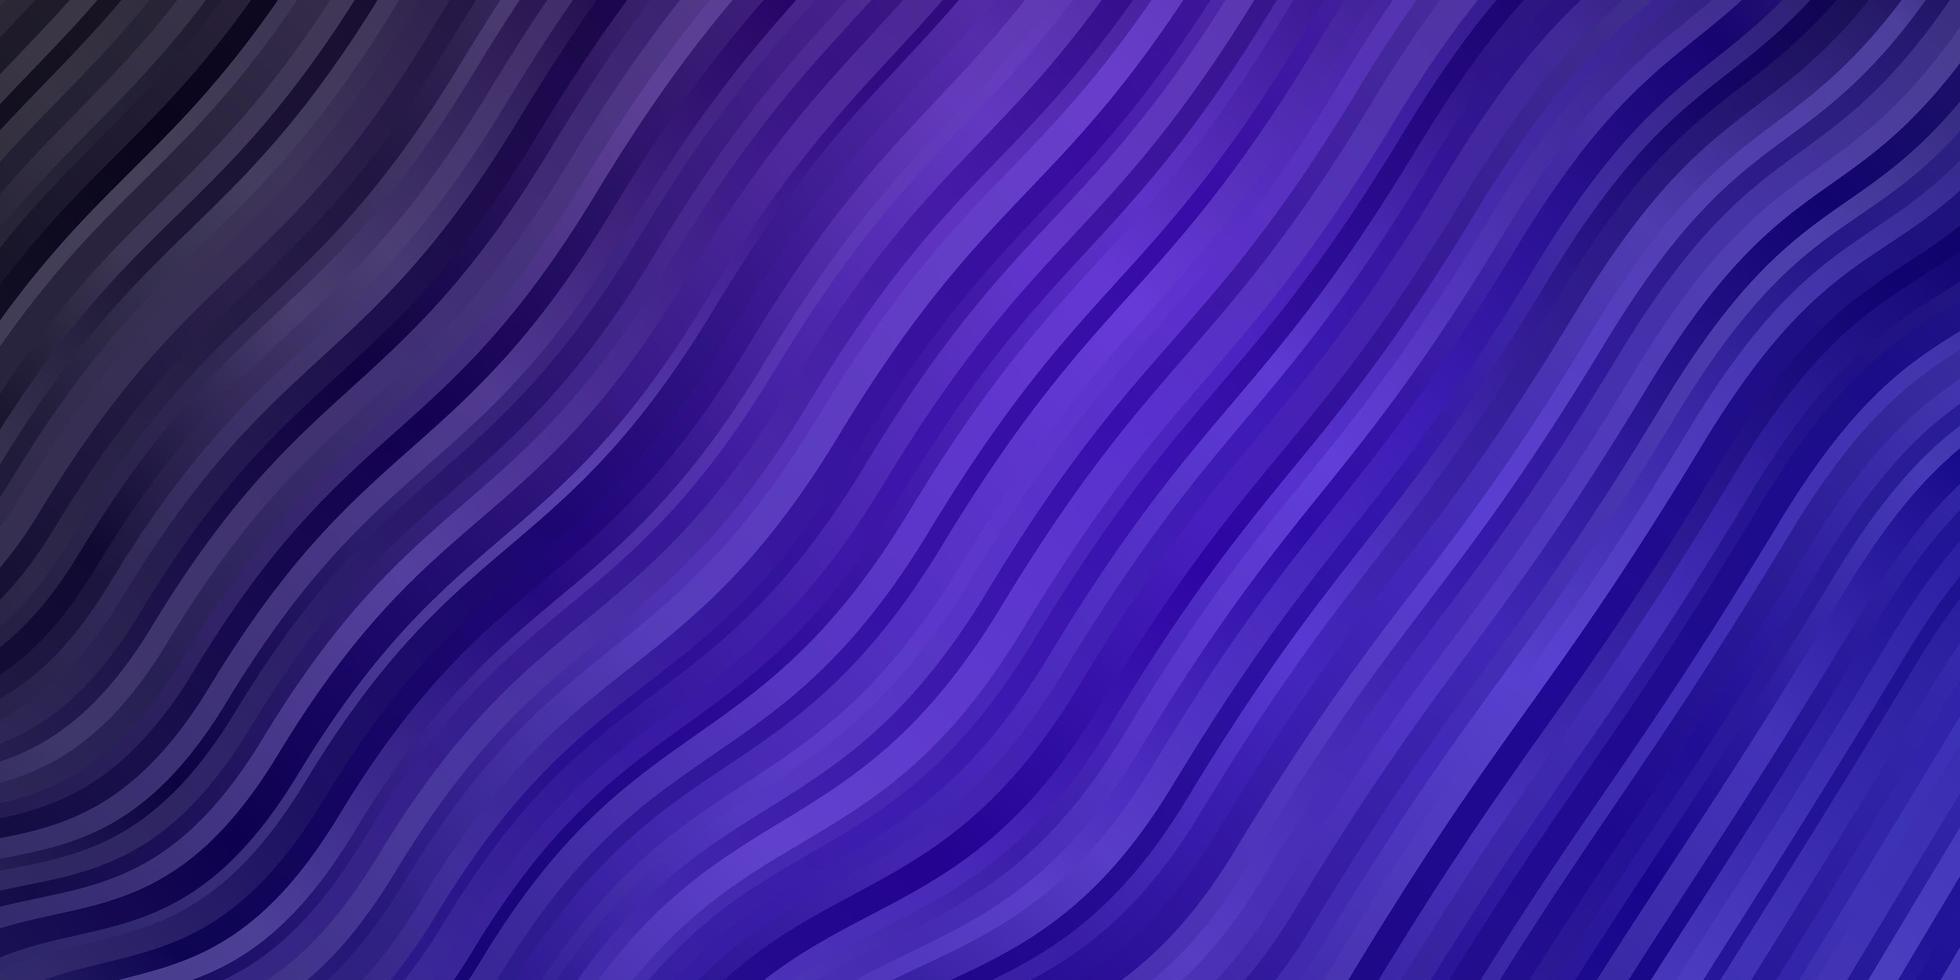 sfondo vettoriale viola scuro con linee piegate.